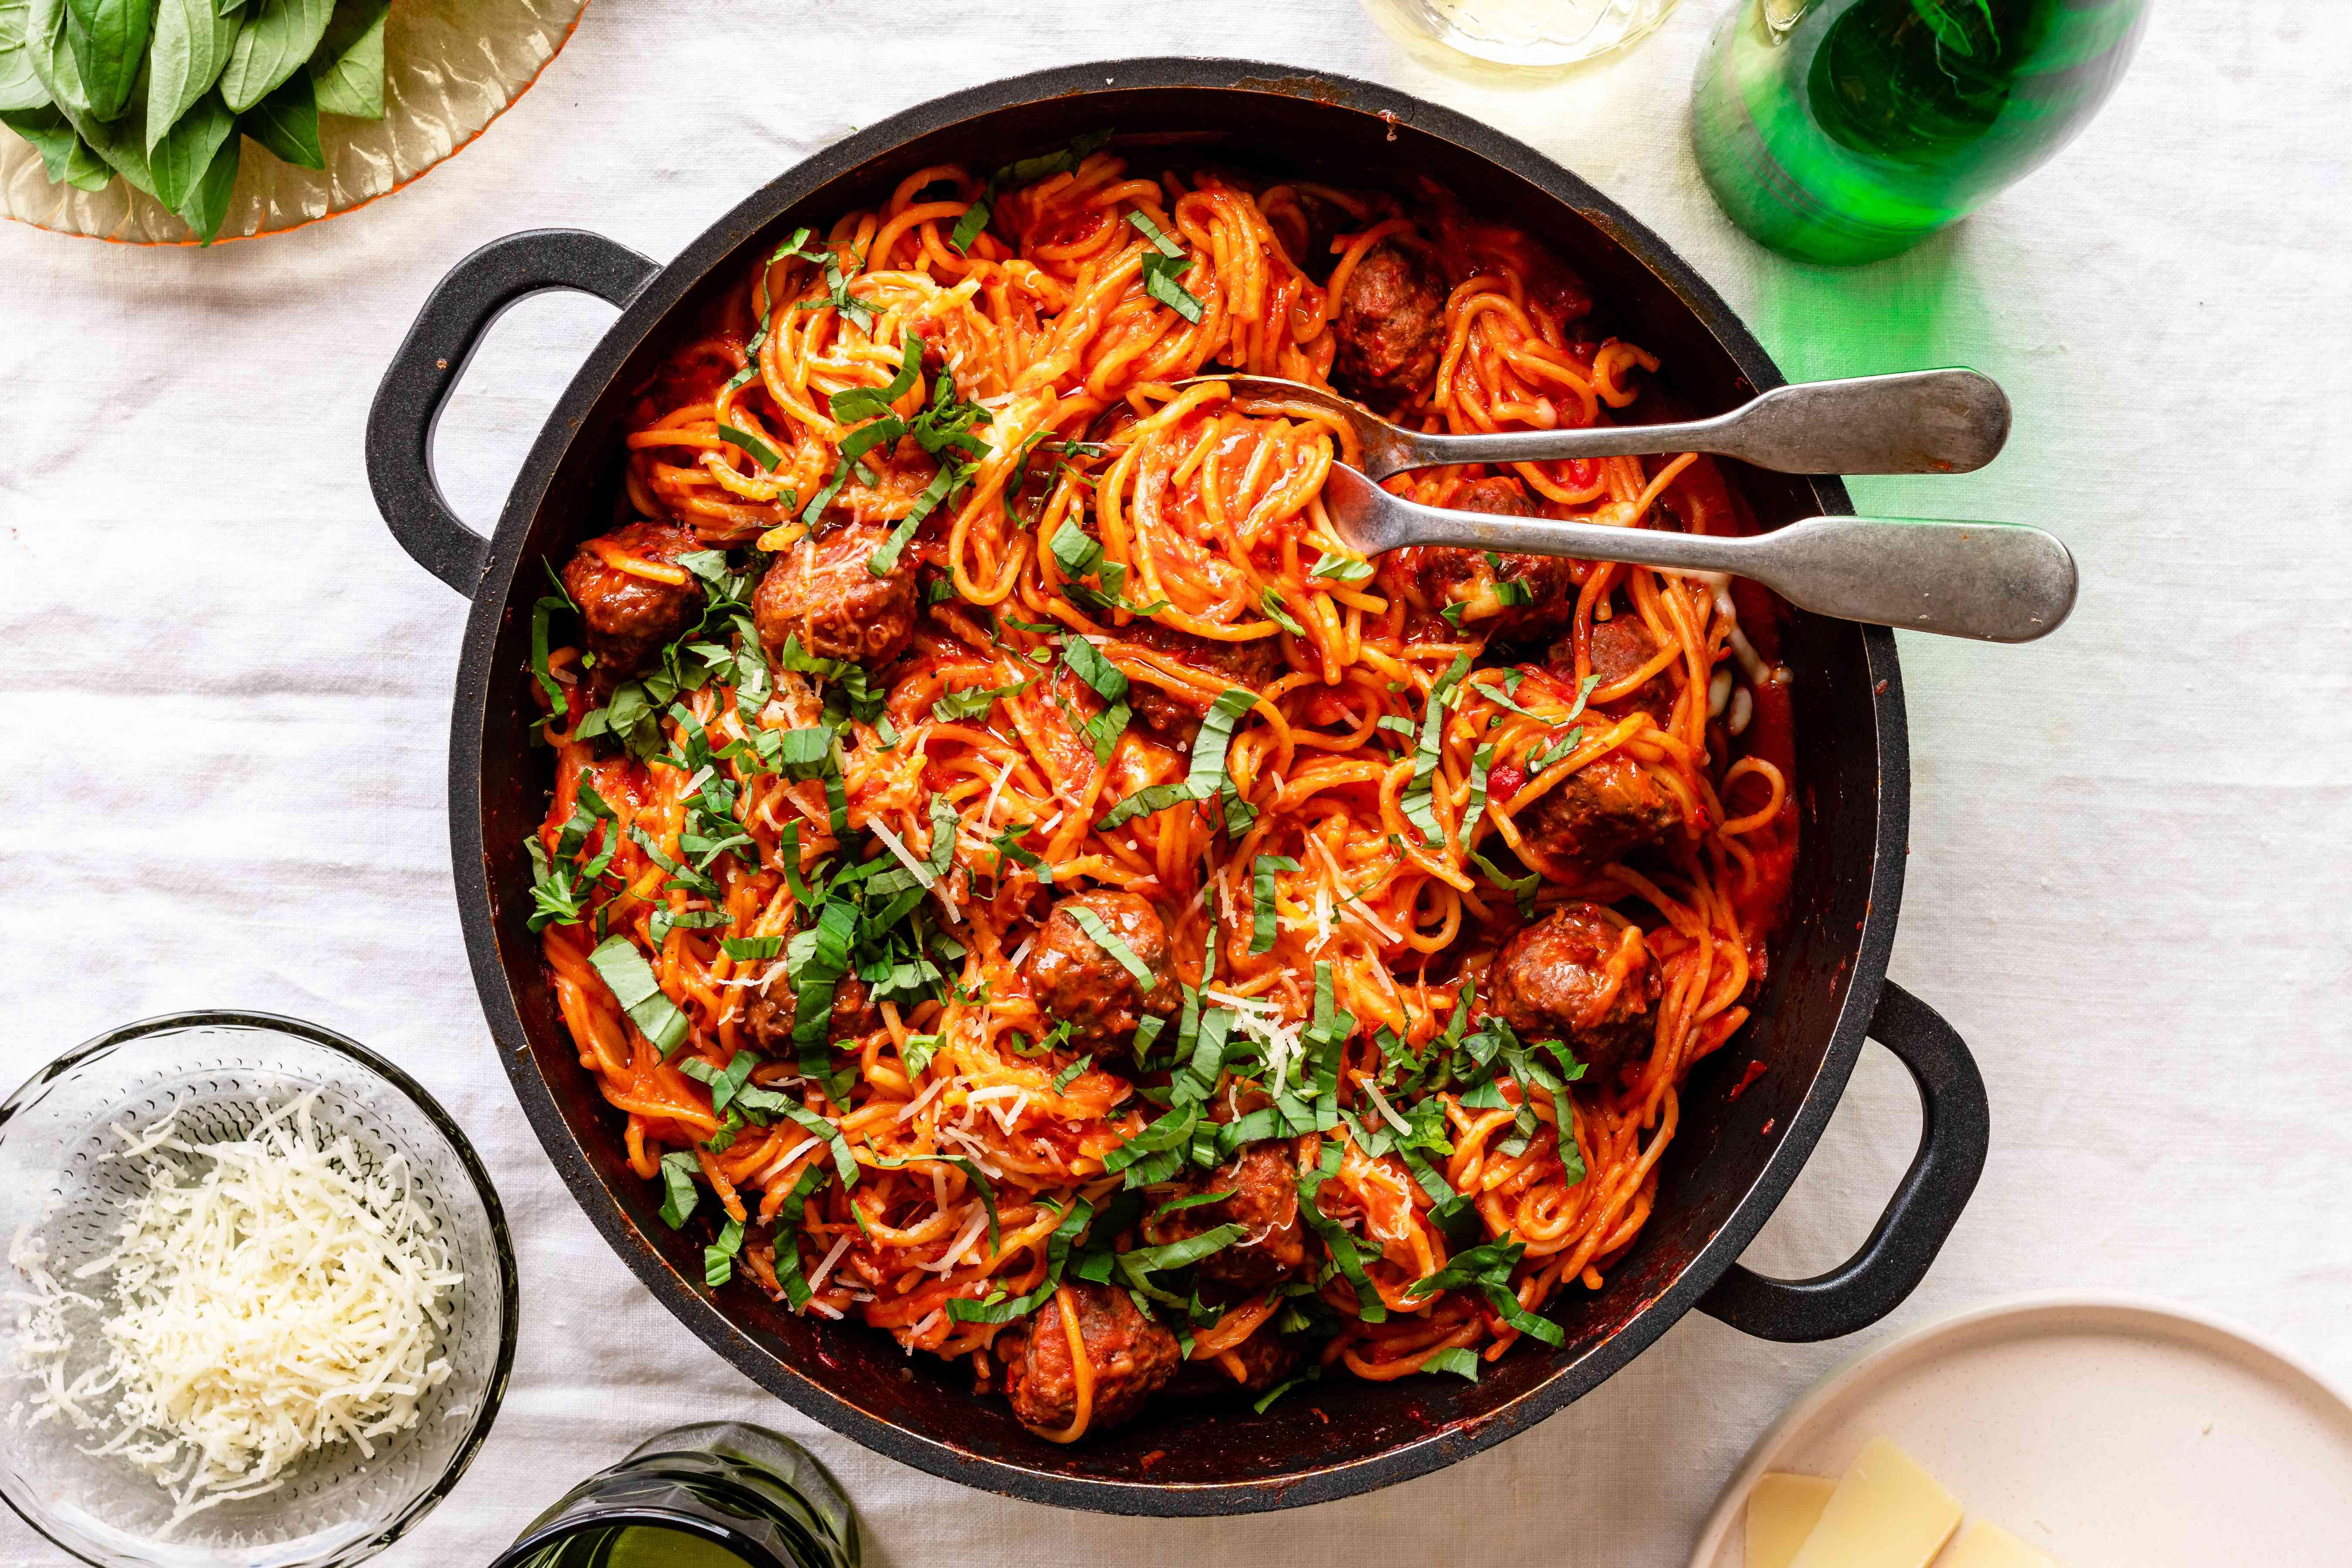 Skillet spaghetti recipe